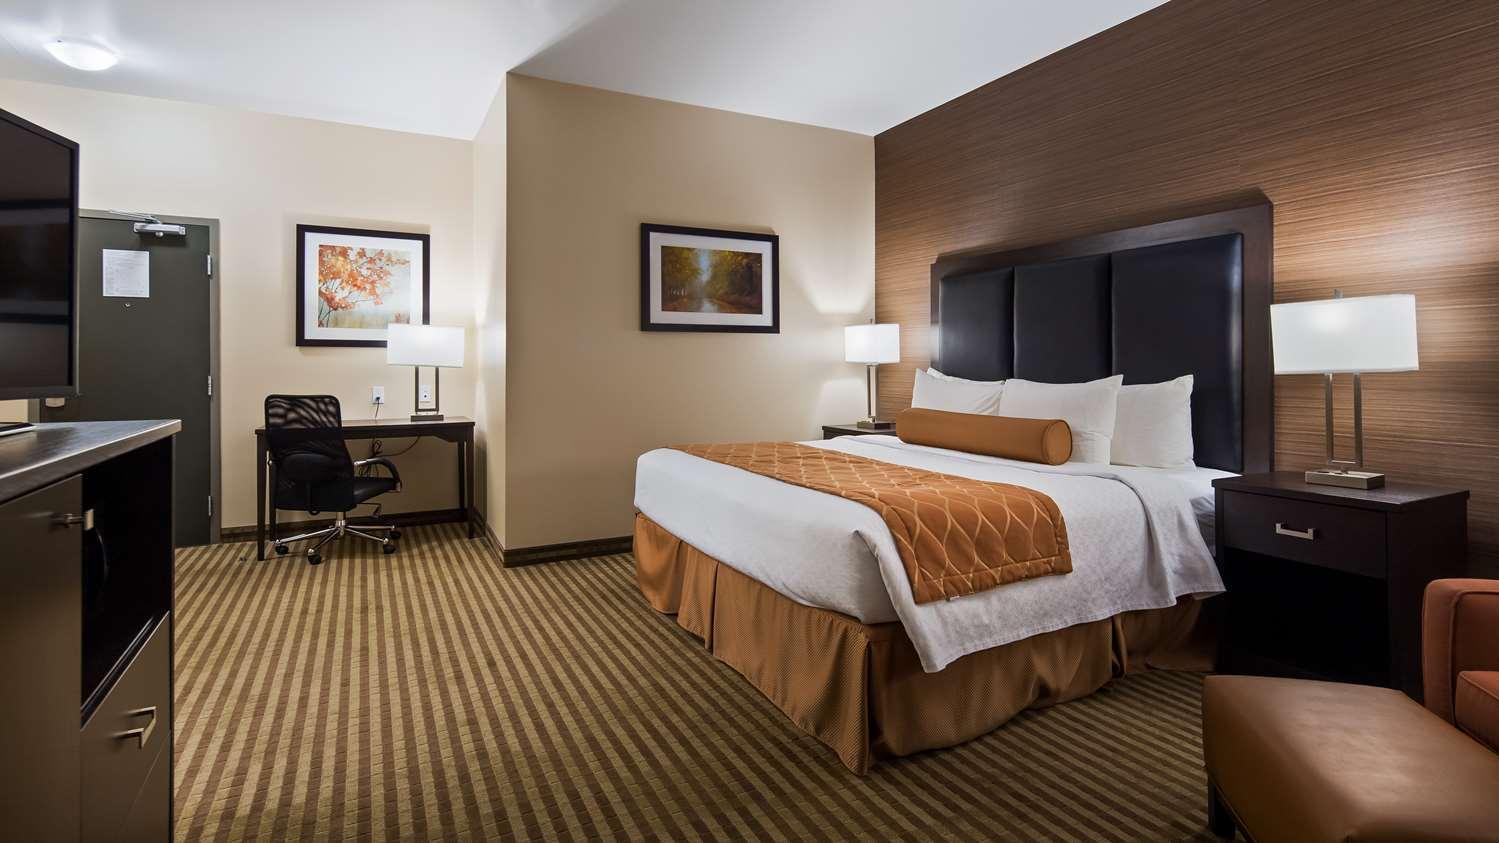 Hotels in Fergus | BEST WESTERN PLUS Fergus Hotel | hotels near ...